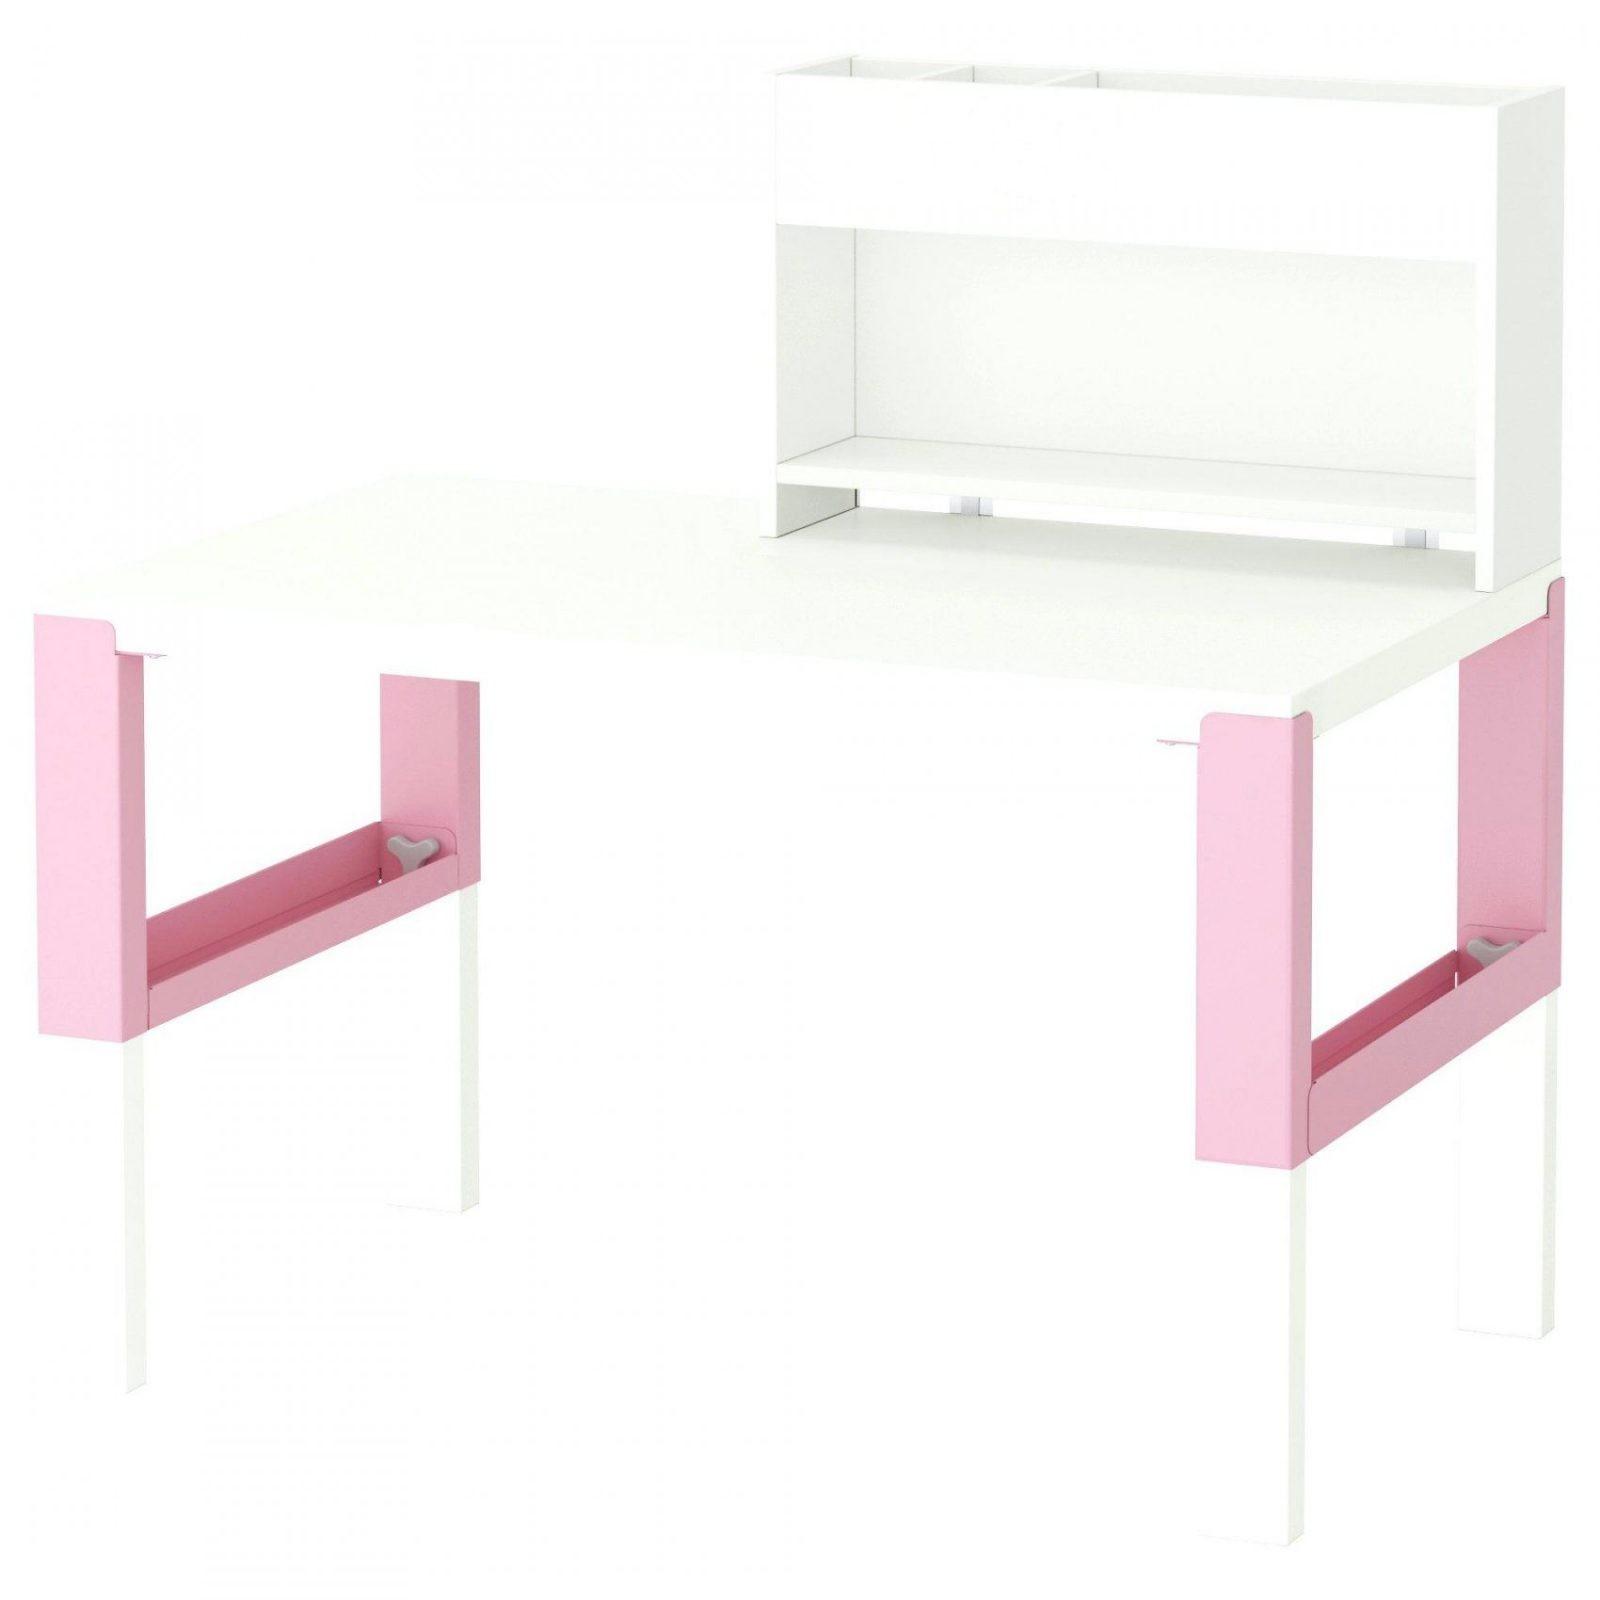 Schreibtisch Fur Wenig Platz 1 4 Online Cm – Wayofscience von Schreibtisch Für Wenig Platz Bild